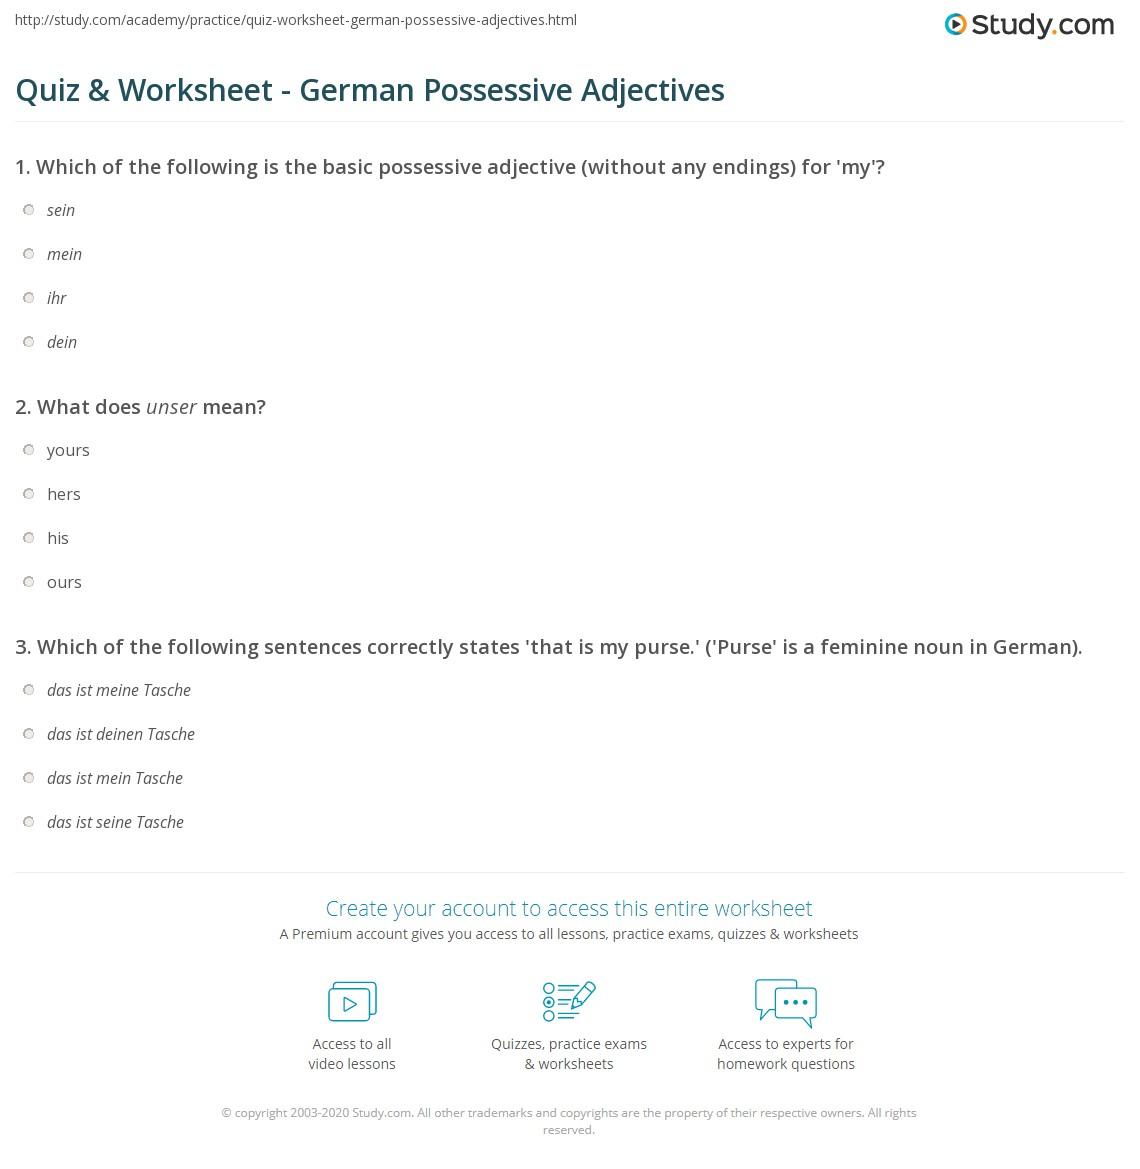 quiz worksheet german possessive adjectives. Black Bedroom Furniture Sets. Home Design Ideas